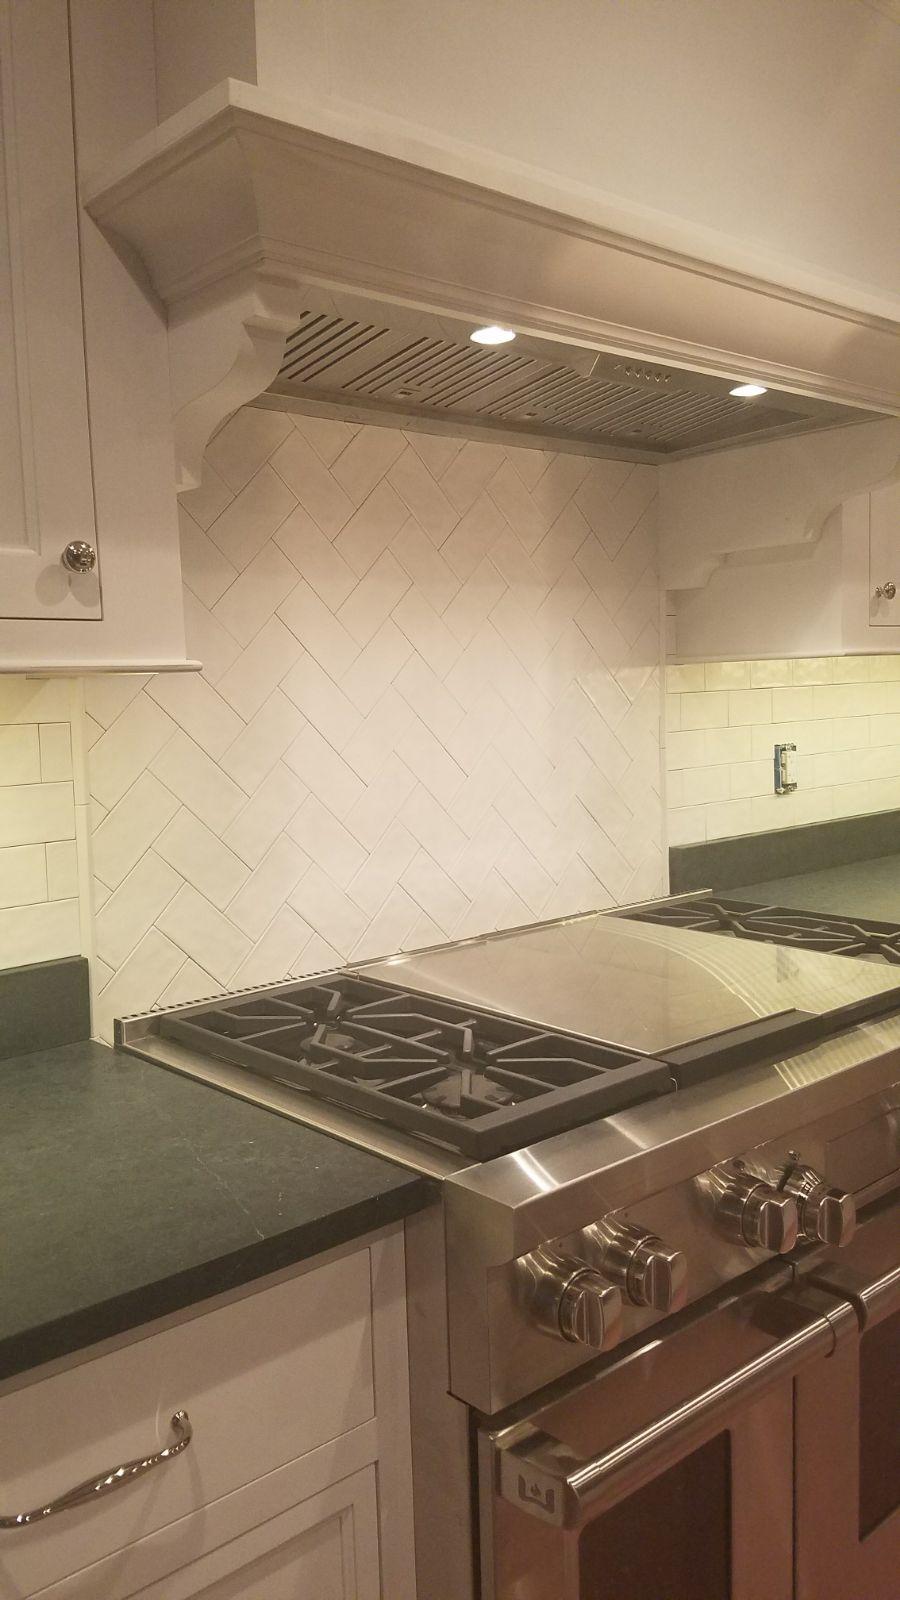 Kitchen 8.19.30 PM.jpeg